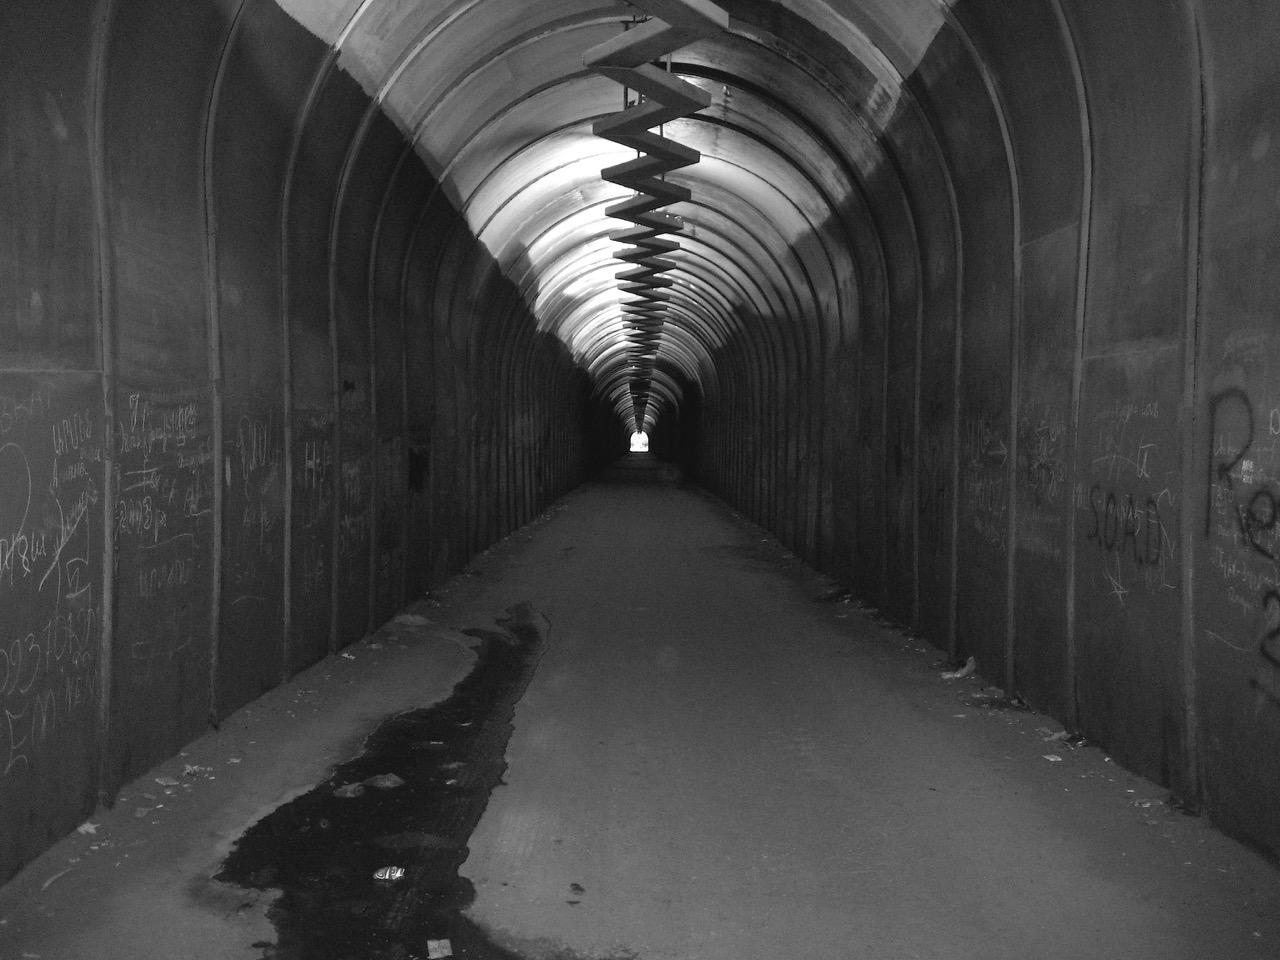 Foto: Tunnel. Aus: Eriwan. Kapitel 2. Aufzeichnungen aus Armenien von Marc Degens.